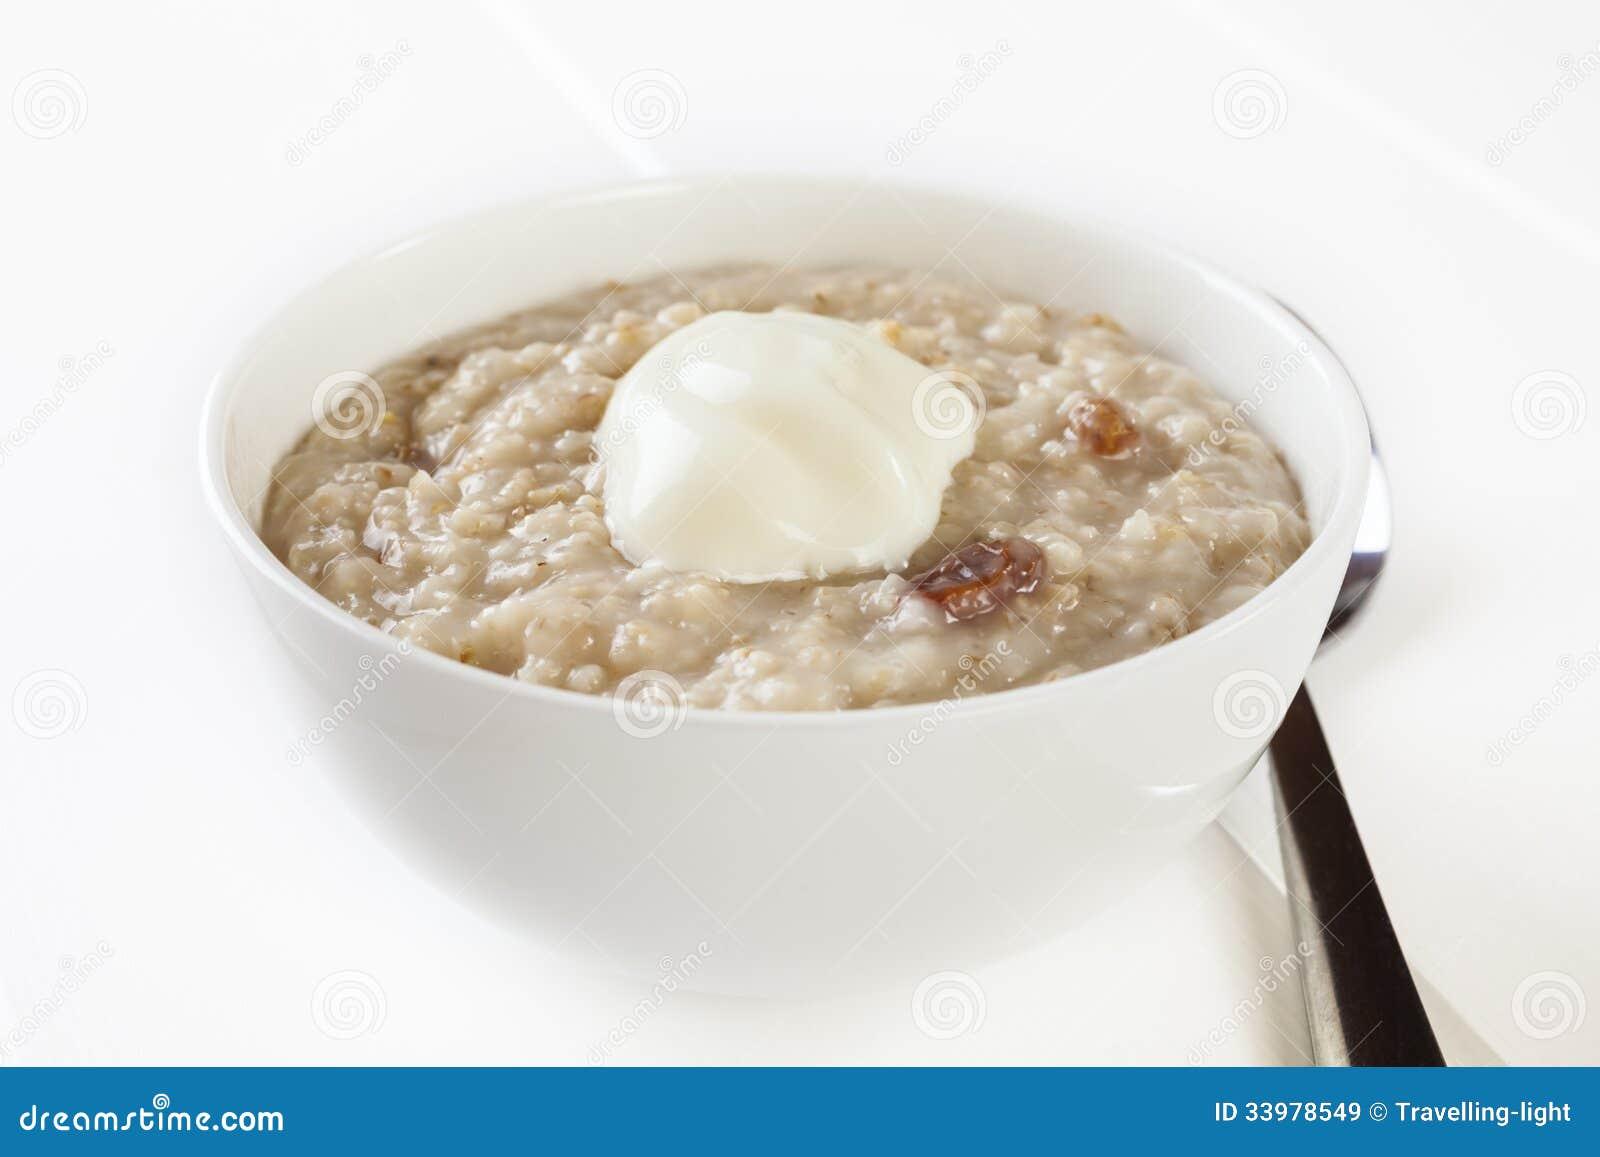 Молочная рисовая каша в мультиварке пошаговый рецепт с